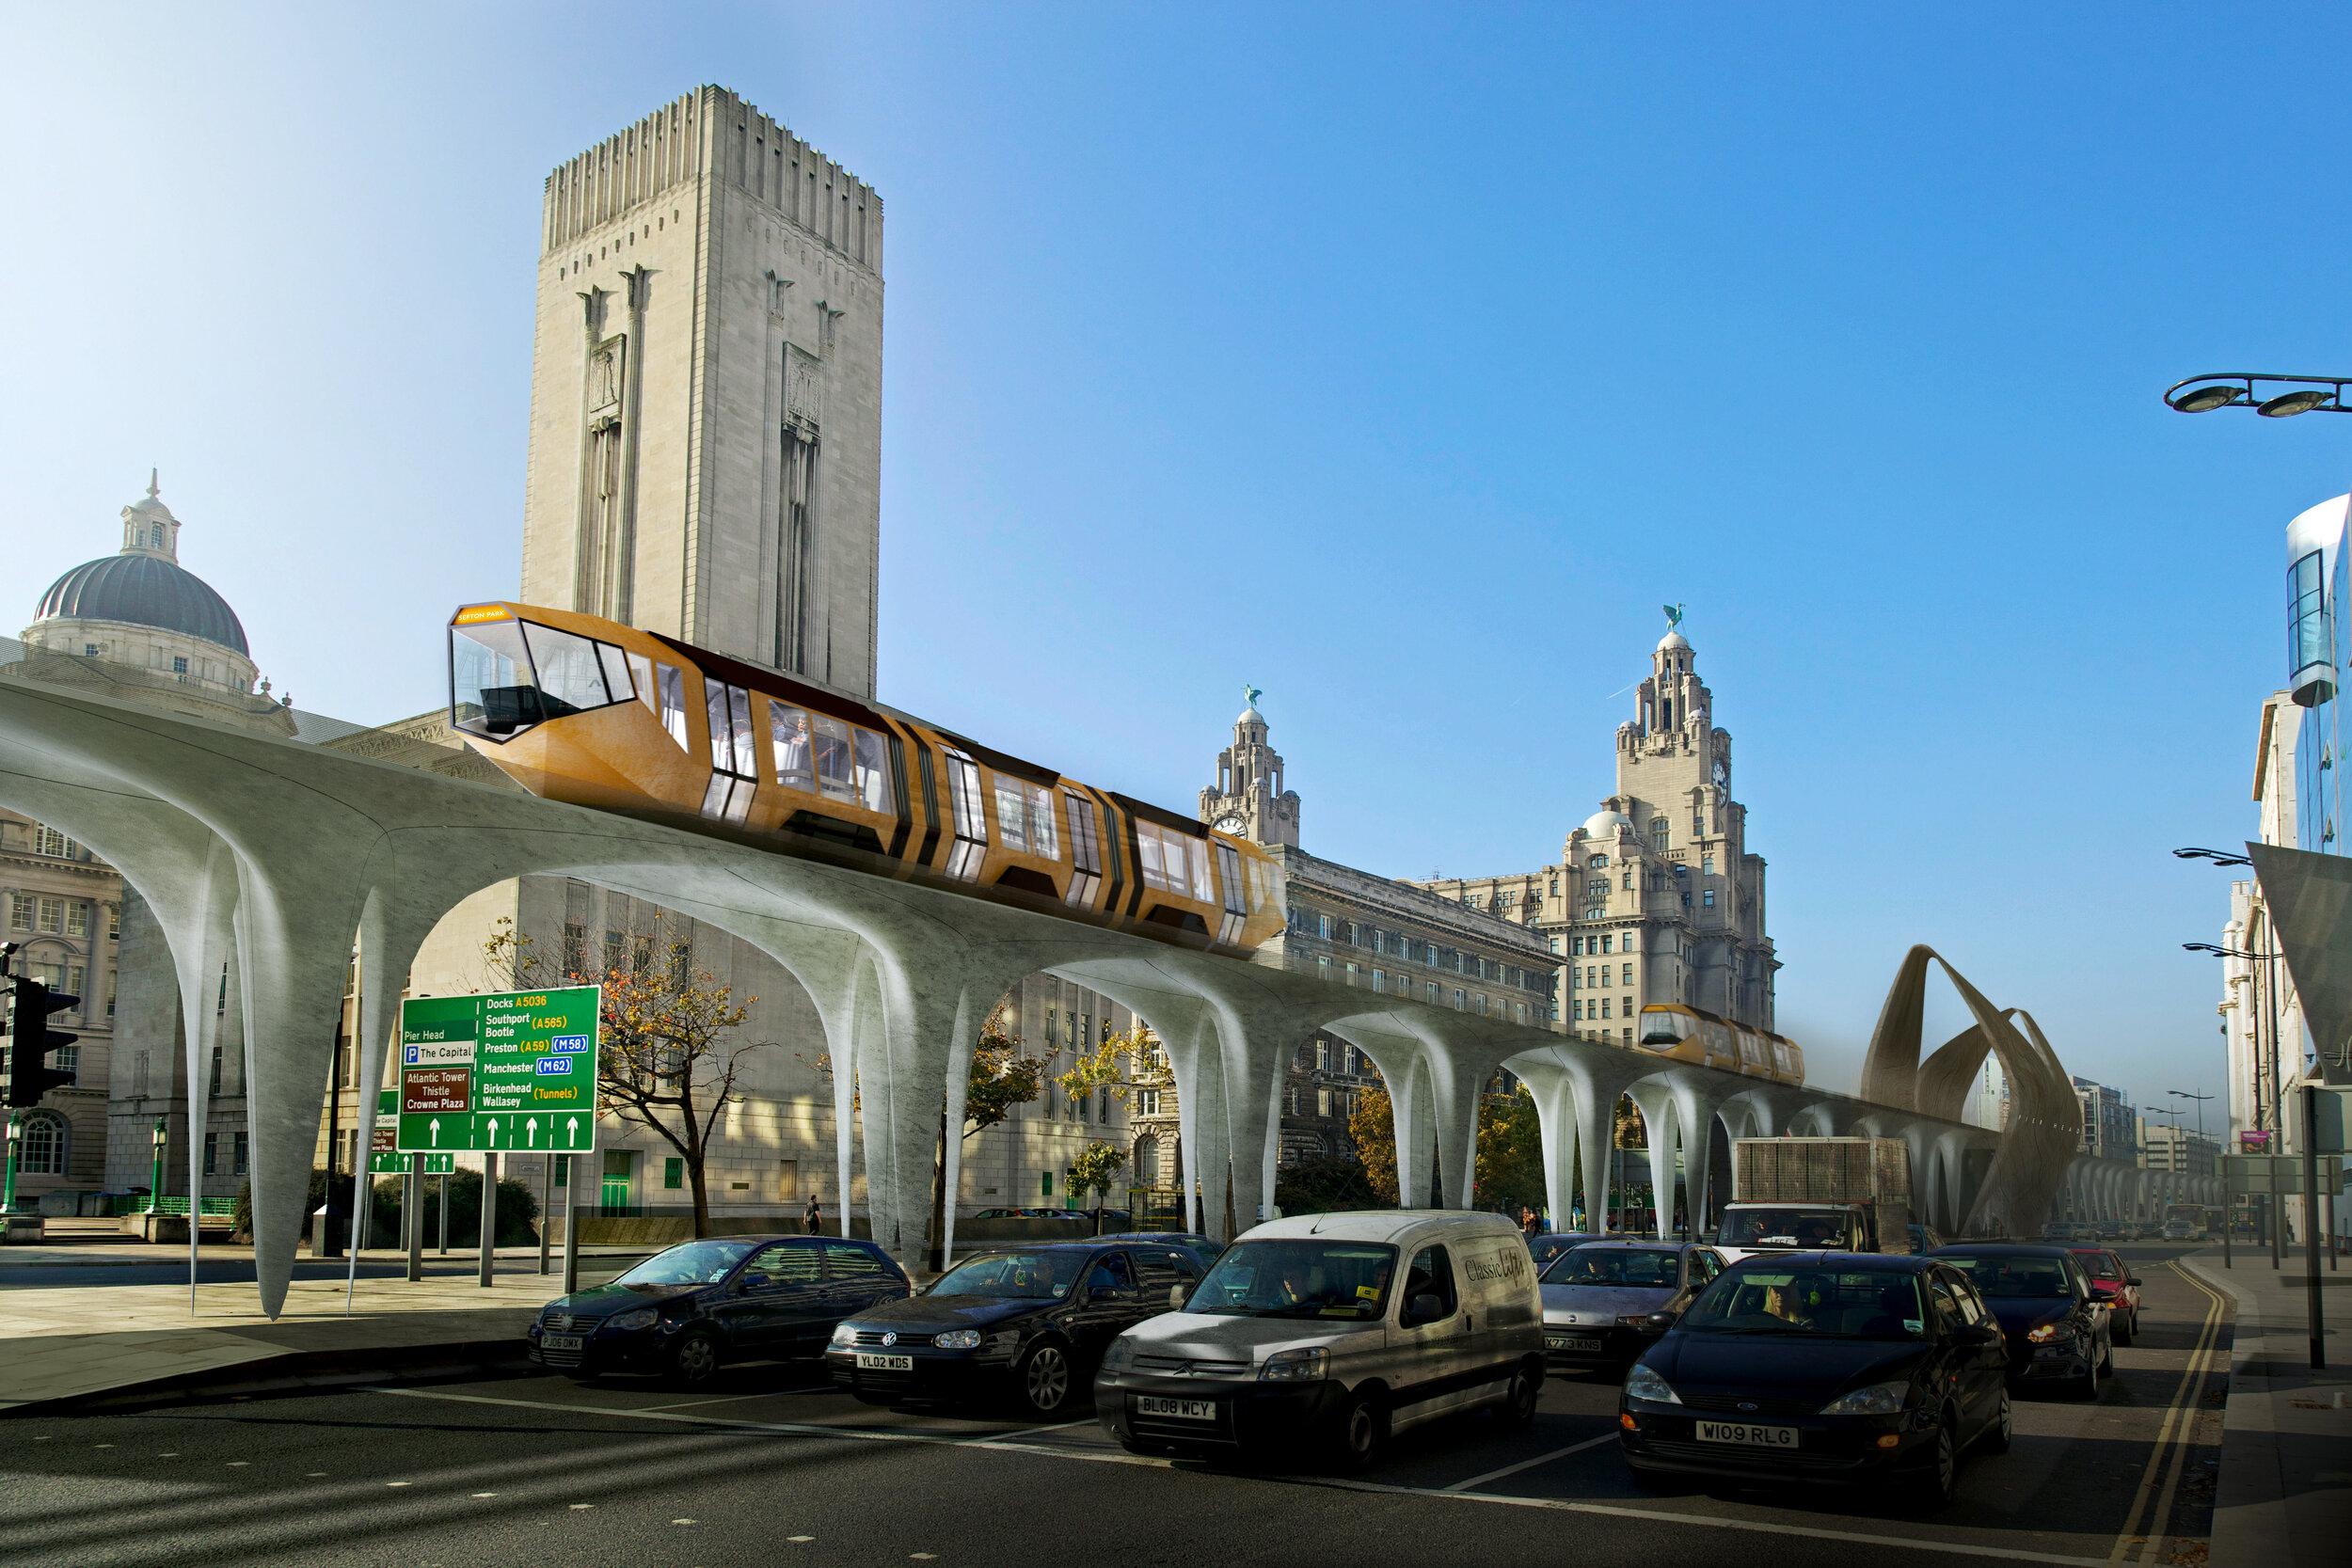 Liverpool Overhead Railway Monorail CGI Fantasist